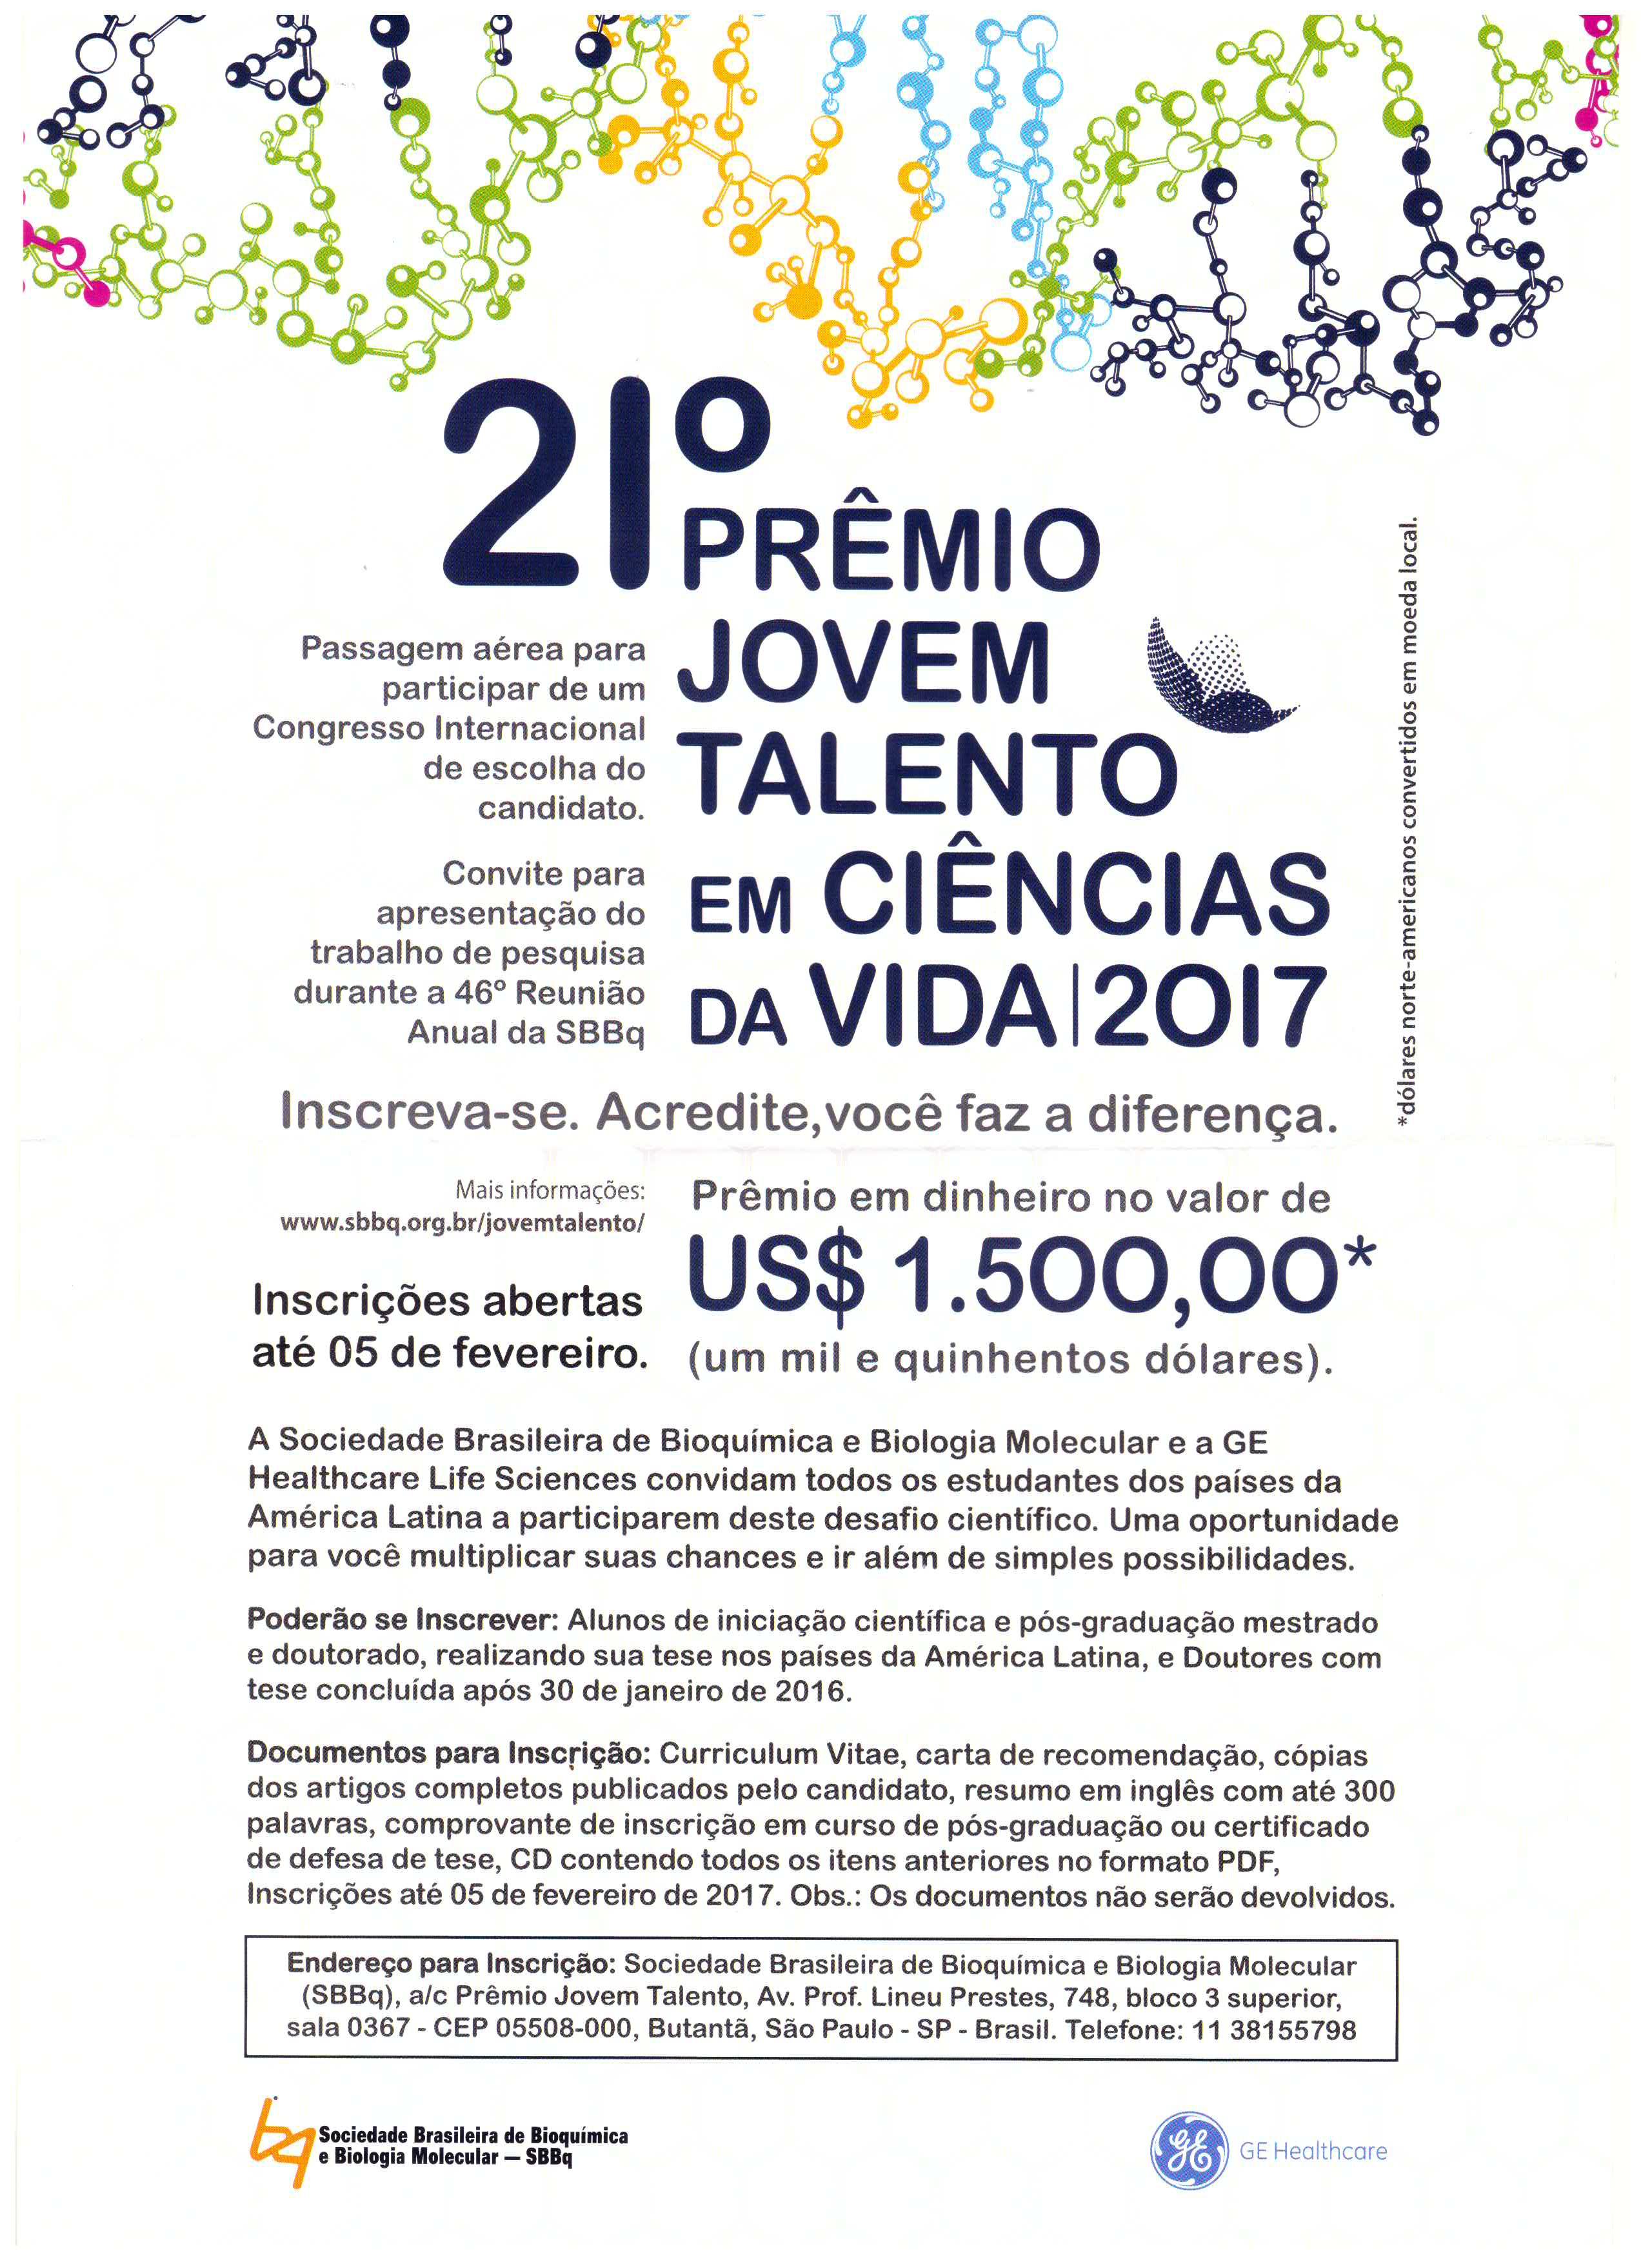 Divulgação Prêmio Jovem Talentos em Ciências da Vida 2017